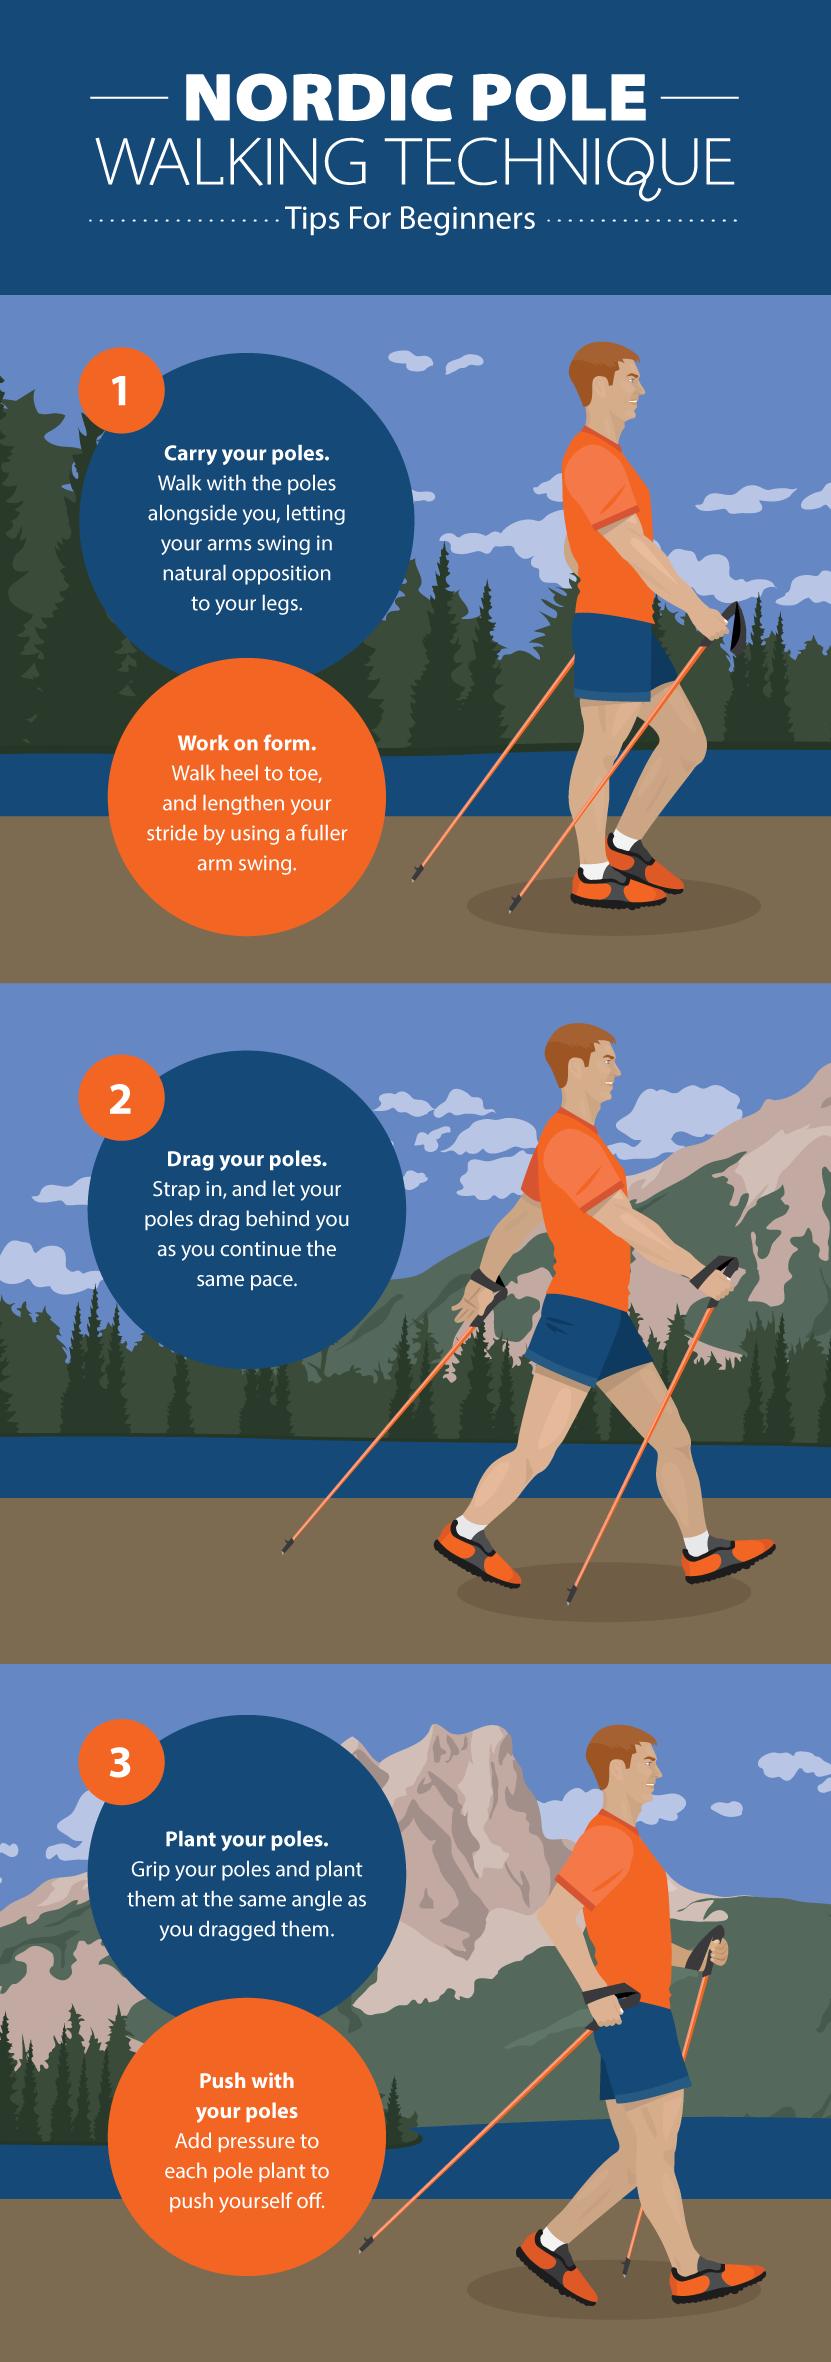 nordic pole walking techniques ()